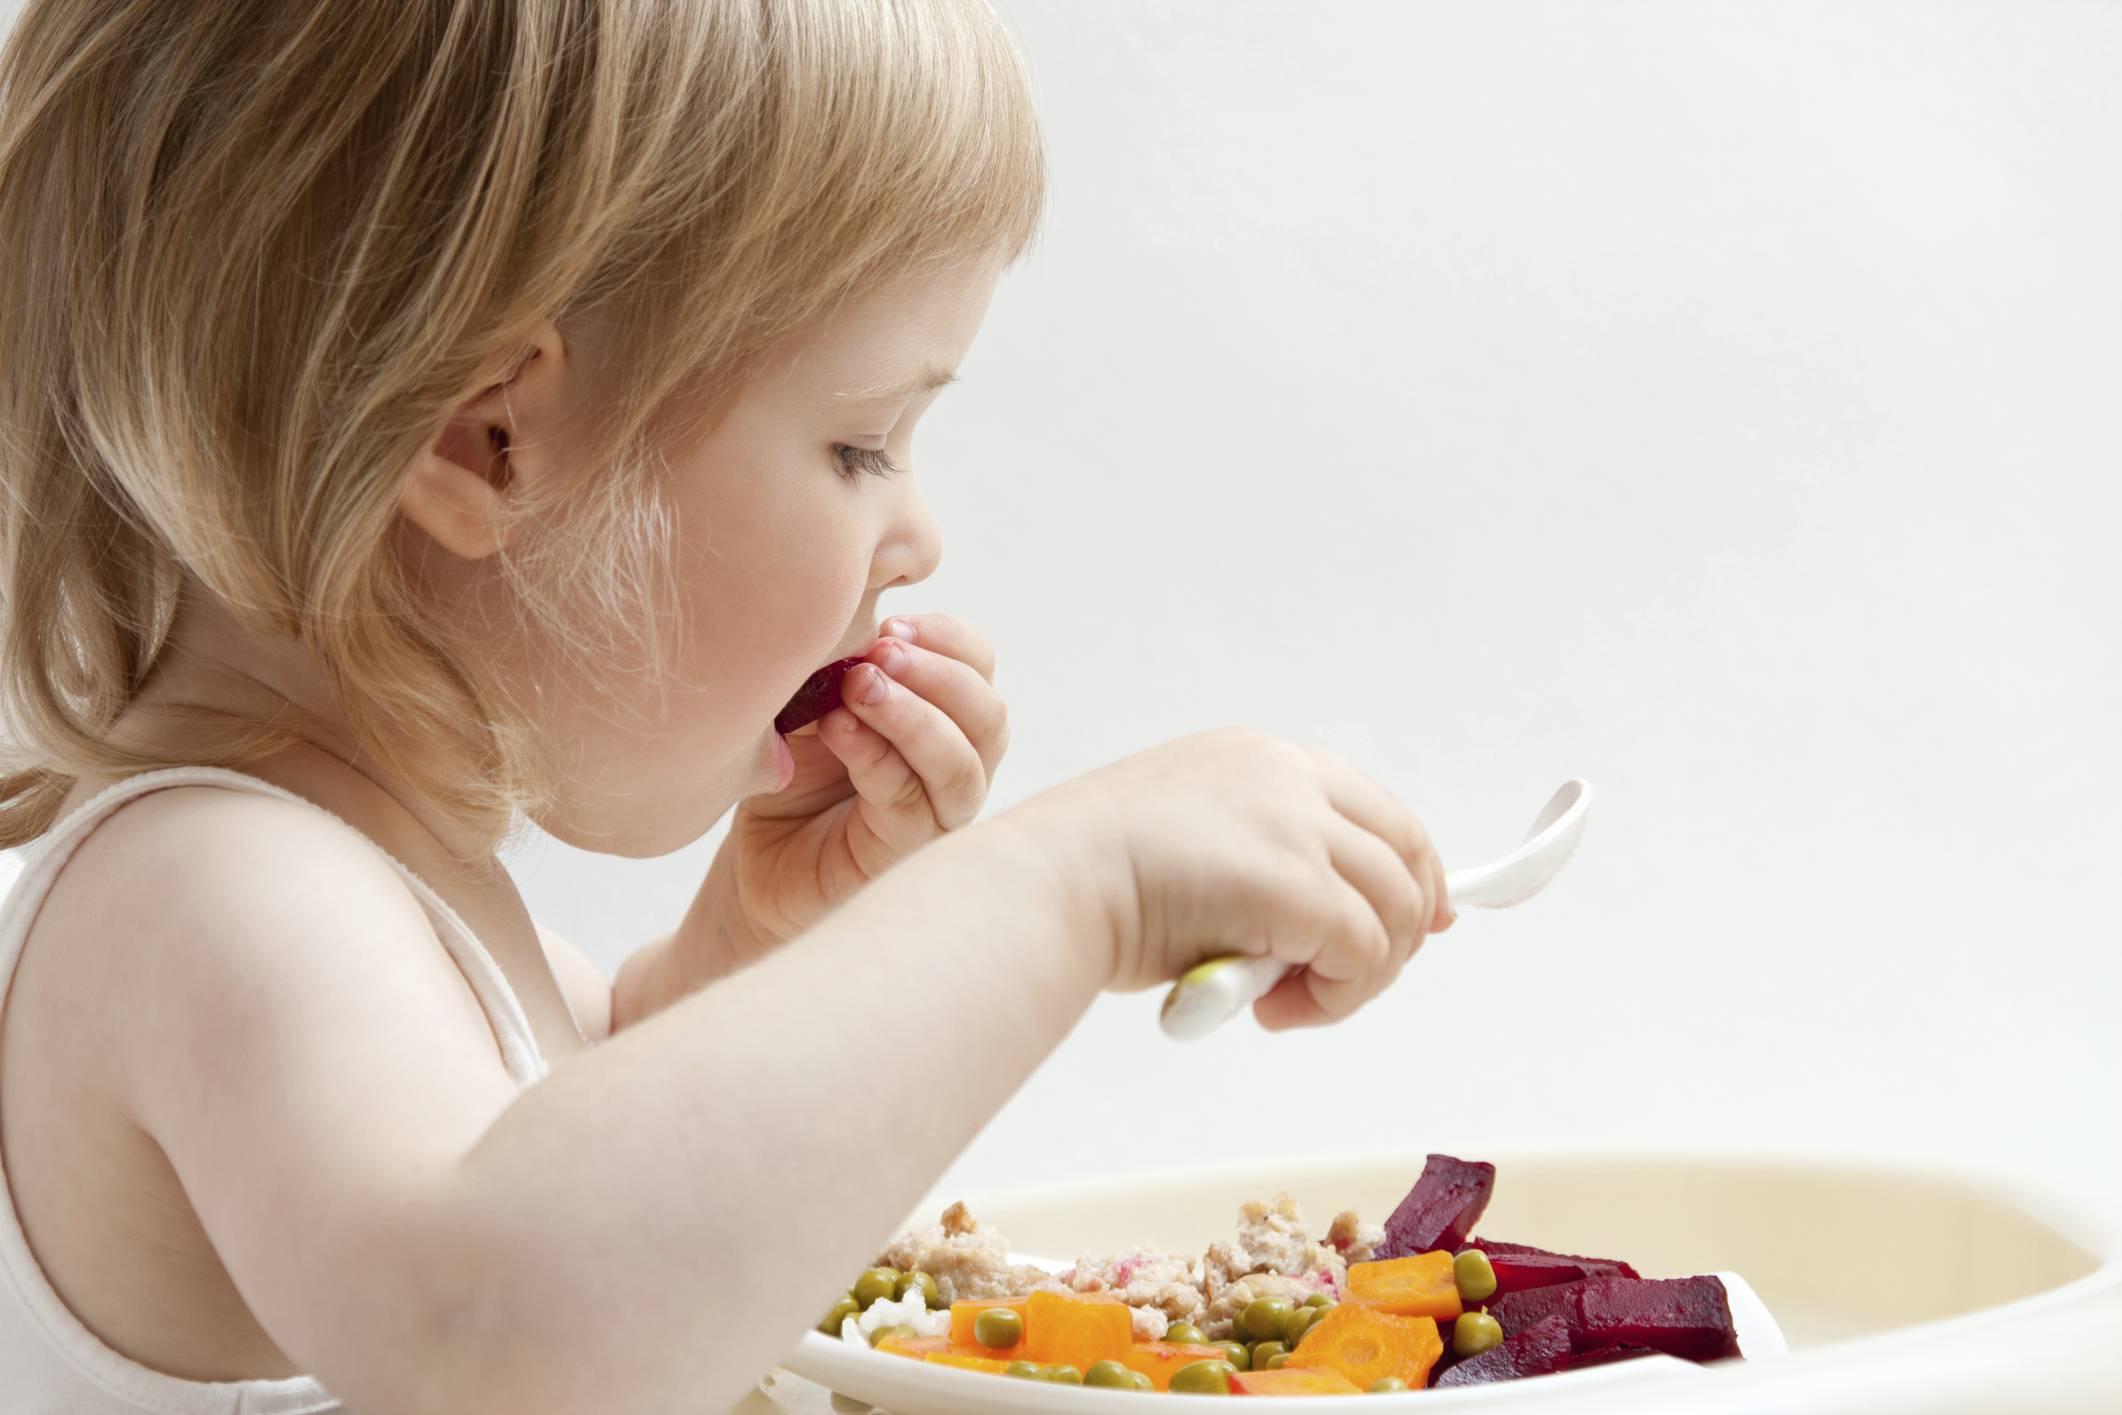 Carenza di vitamina D nei bambini, come evitarla